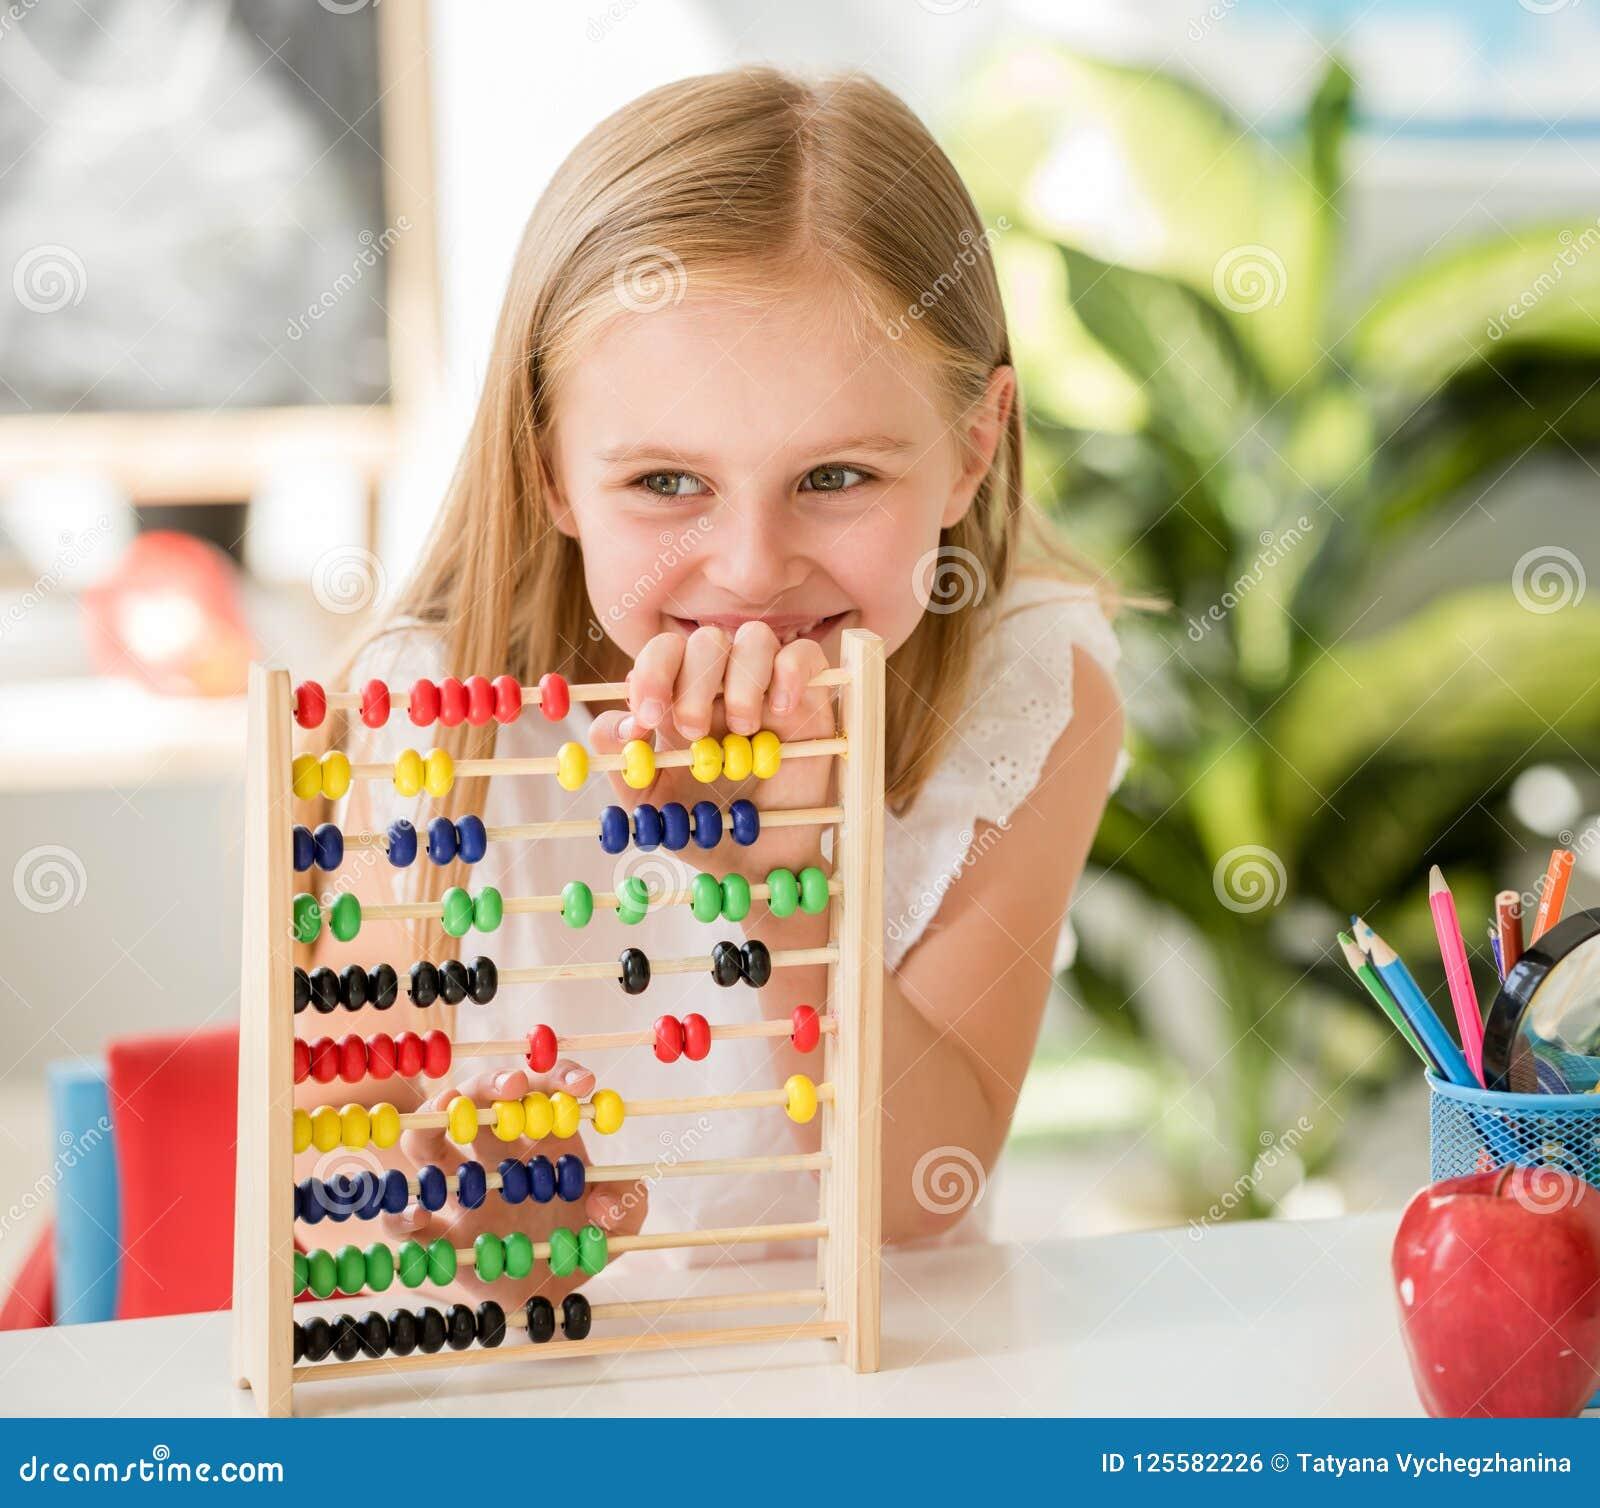 Poco contando en el ábaco colorido en la sala de clase de la escuela